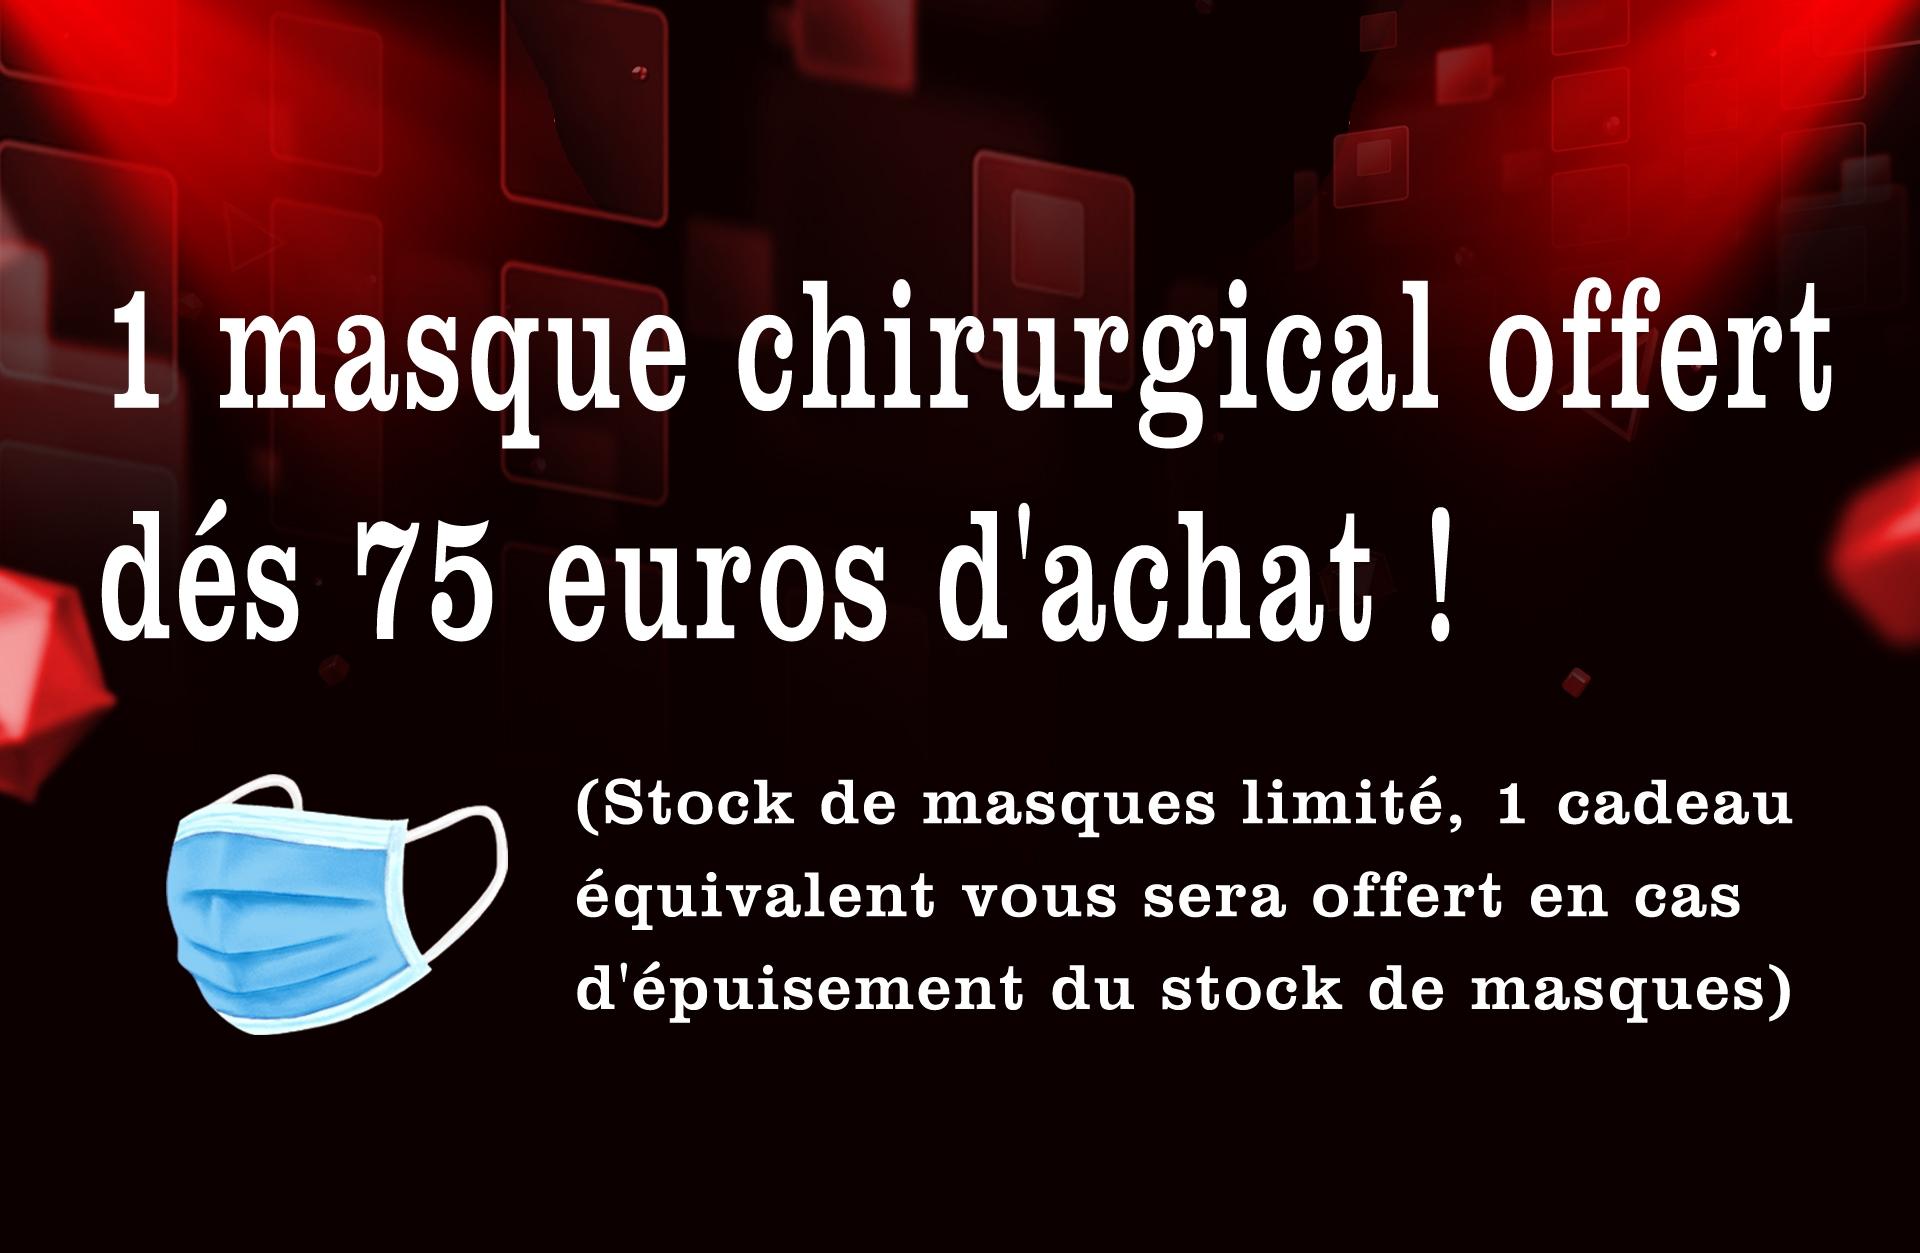 1 masque chirurgical offert dés 75 euros d'achat !